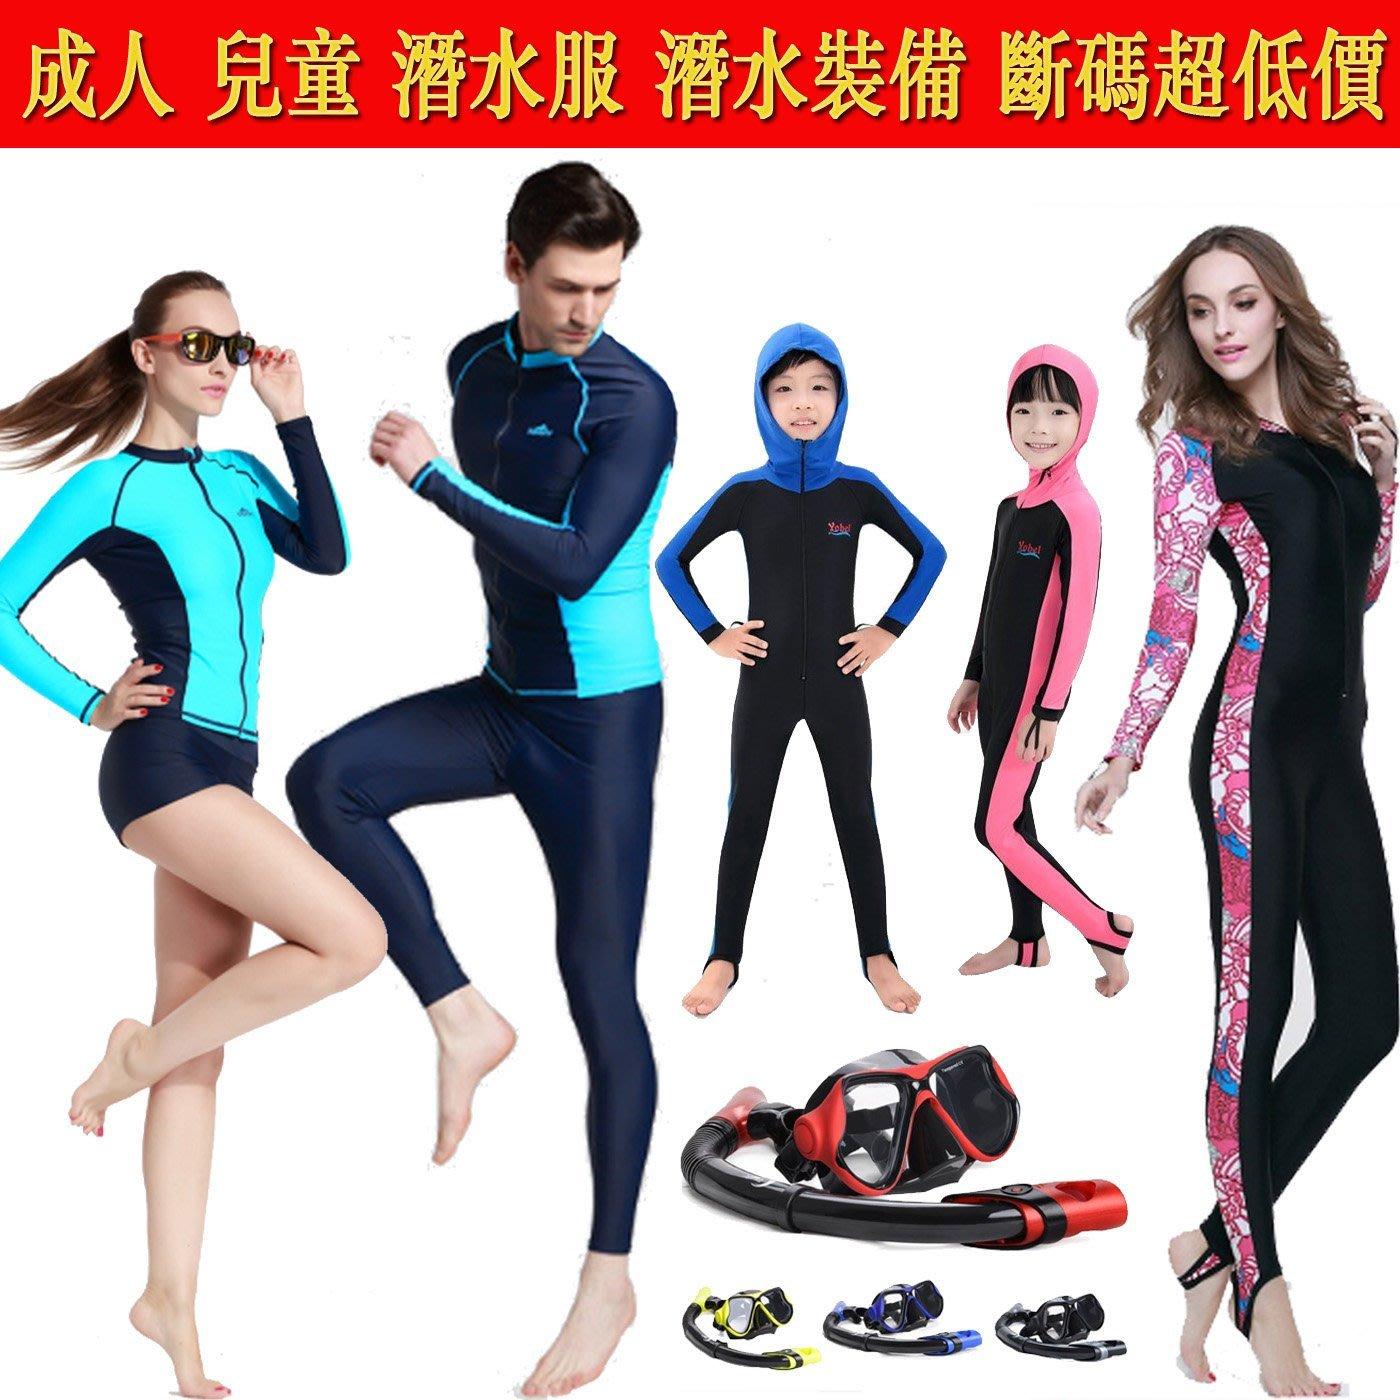 【購物百分百】特價清倉 虧本促銷 成人 兒童 潛水衣 水母衣 衝浪衣 防曬衣 游泳衣 潛水鞋 救生衣 浮潛裝備